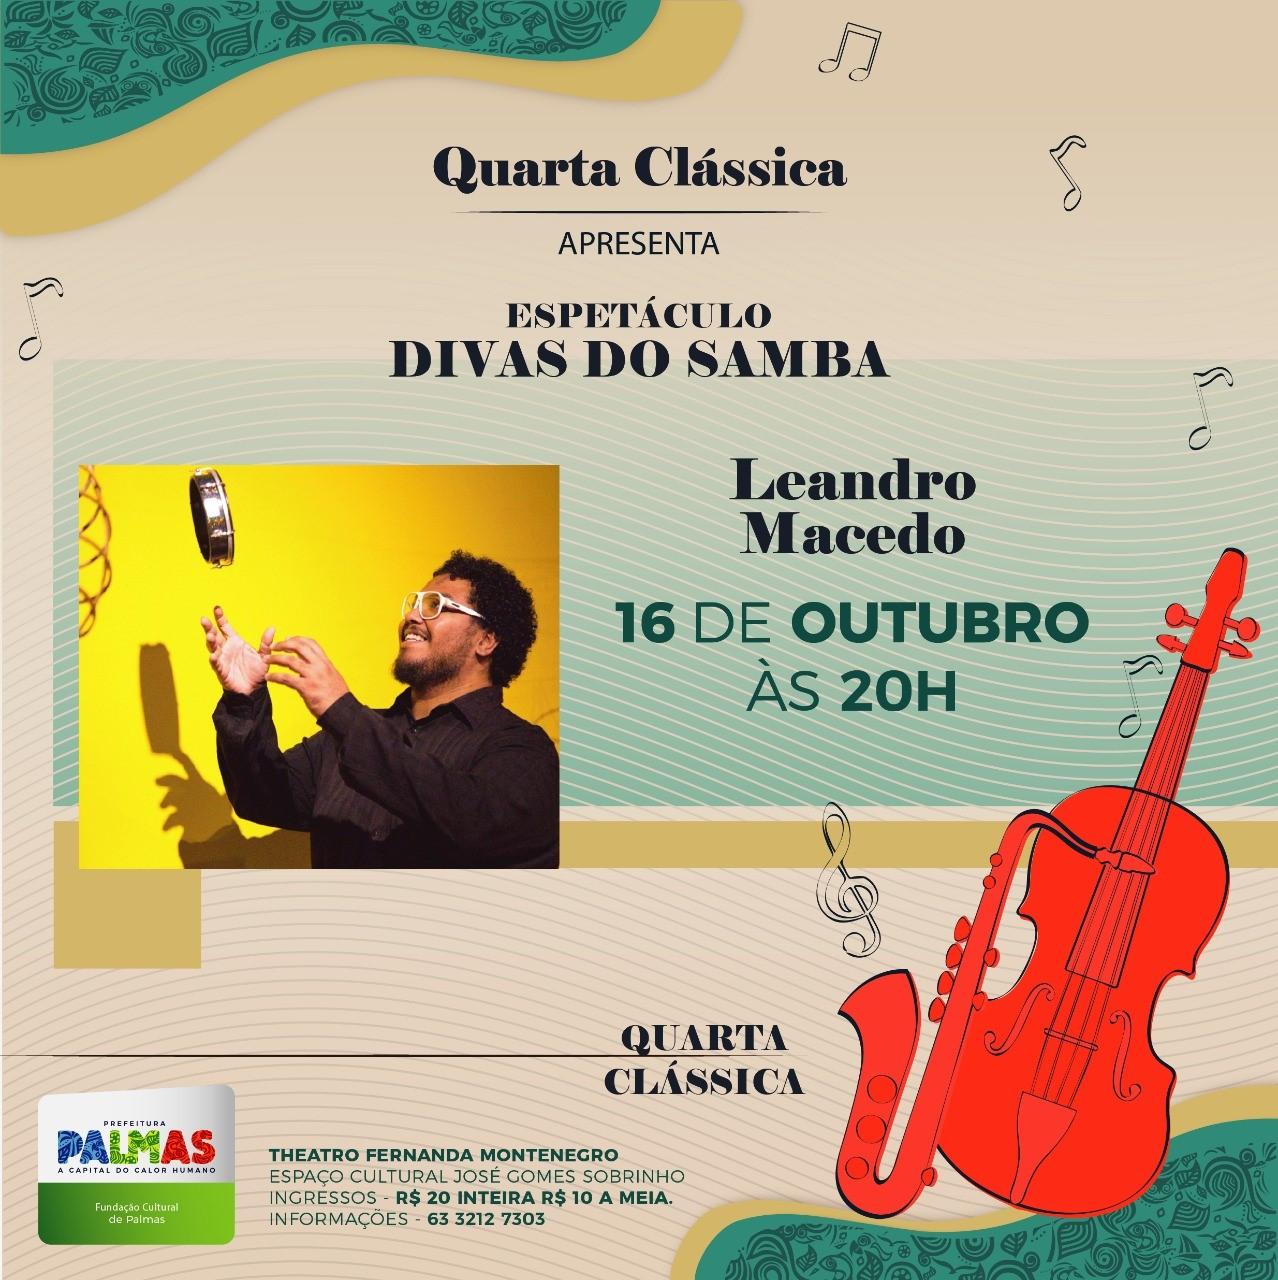 Quarta Clássica Especial apresenta homenagem às Divas do Samba, em Palmas